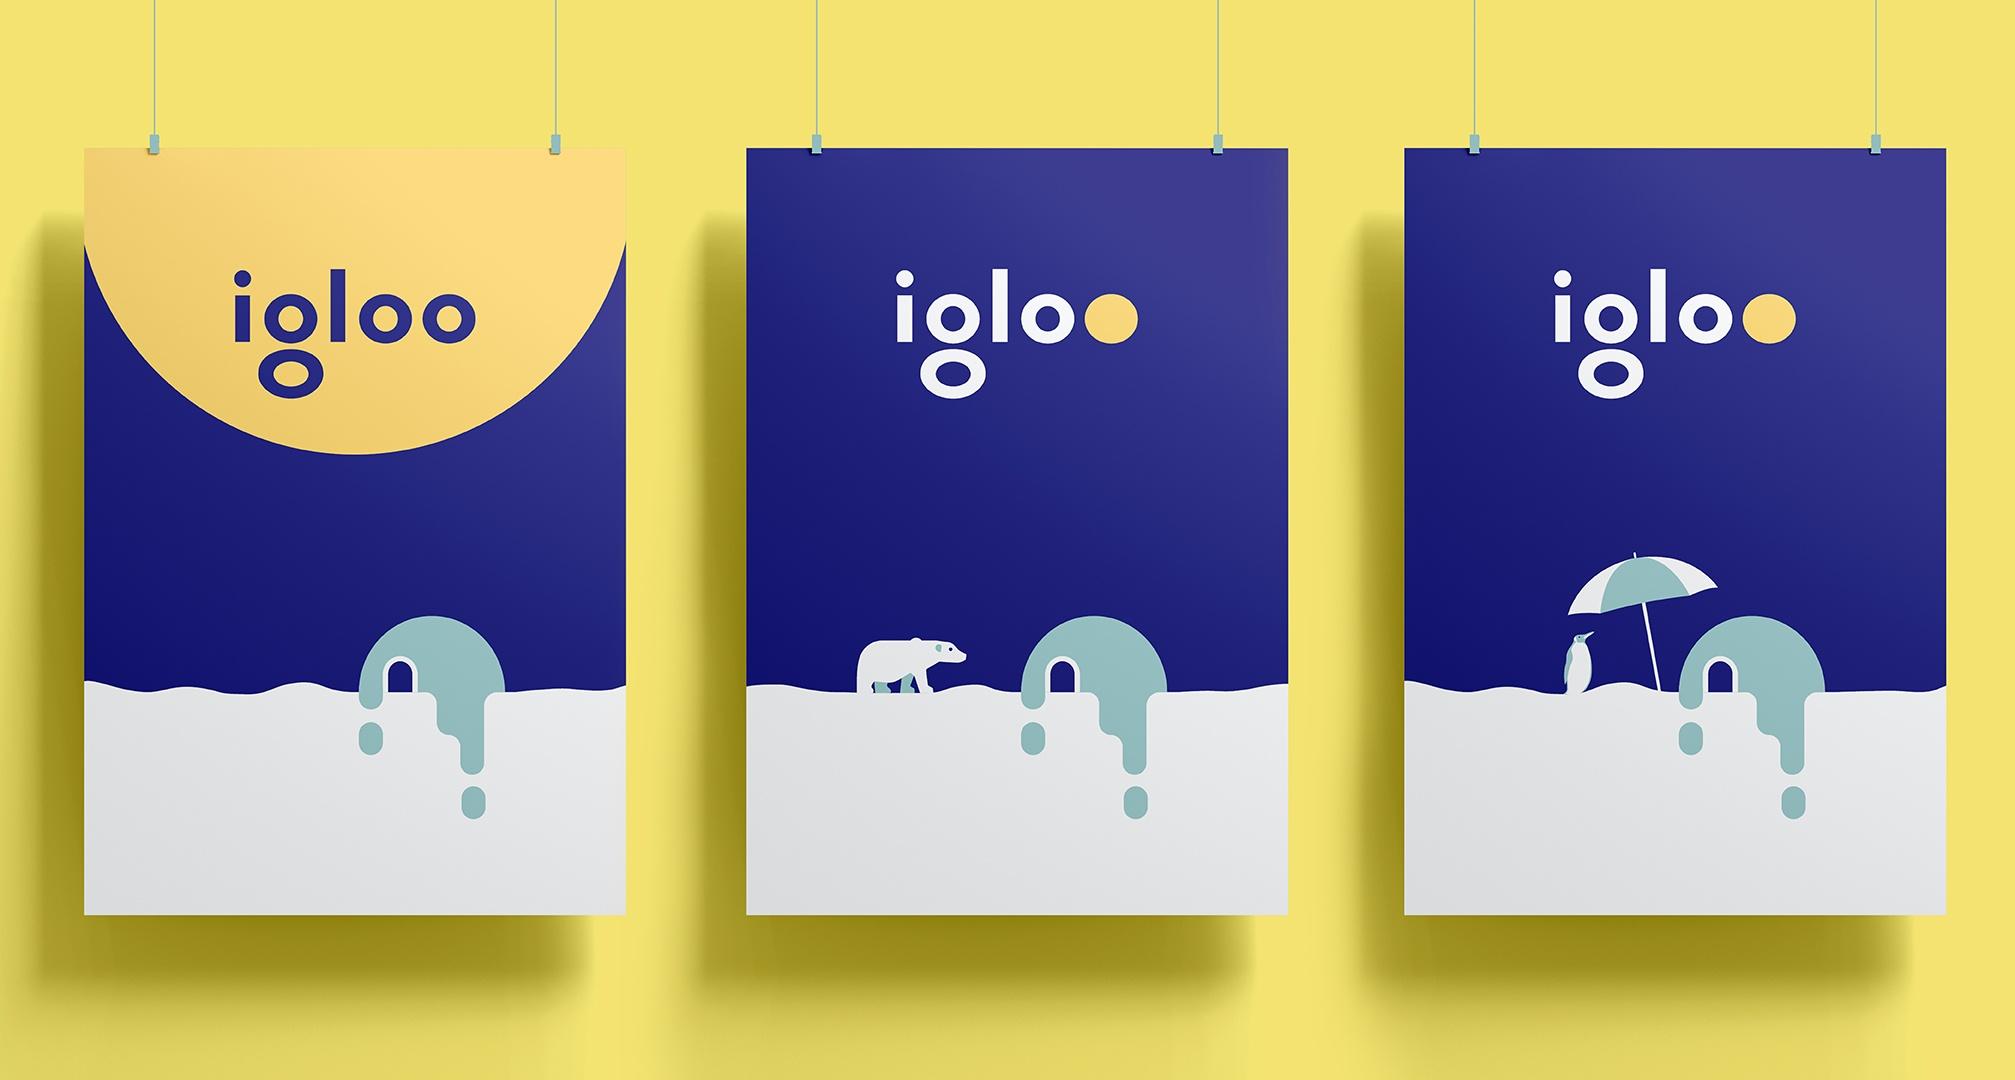 Igloo 202 - climate change